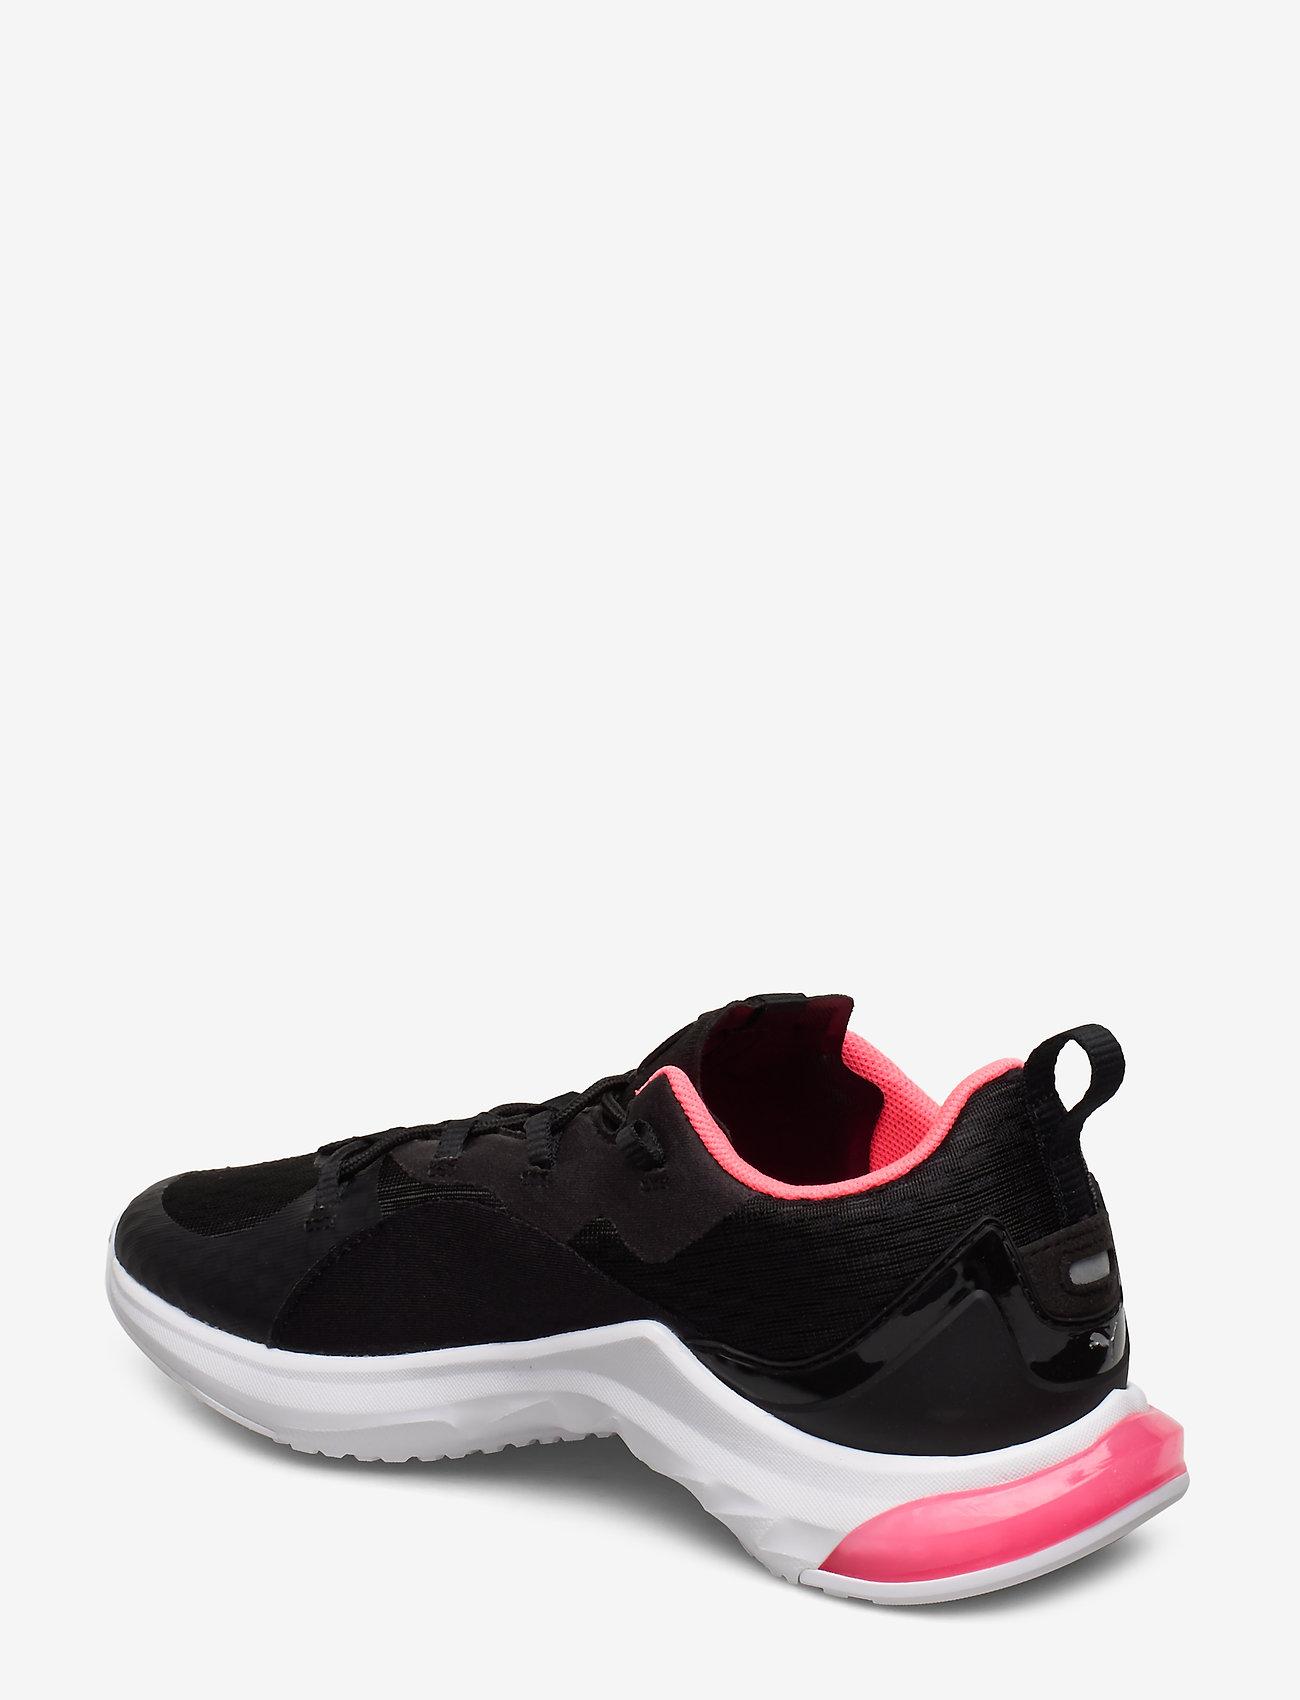 Lqdcell Hydra Wn's (Puma Black-ignite Pink) - PUMA